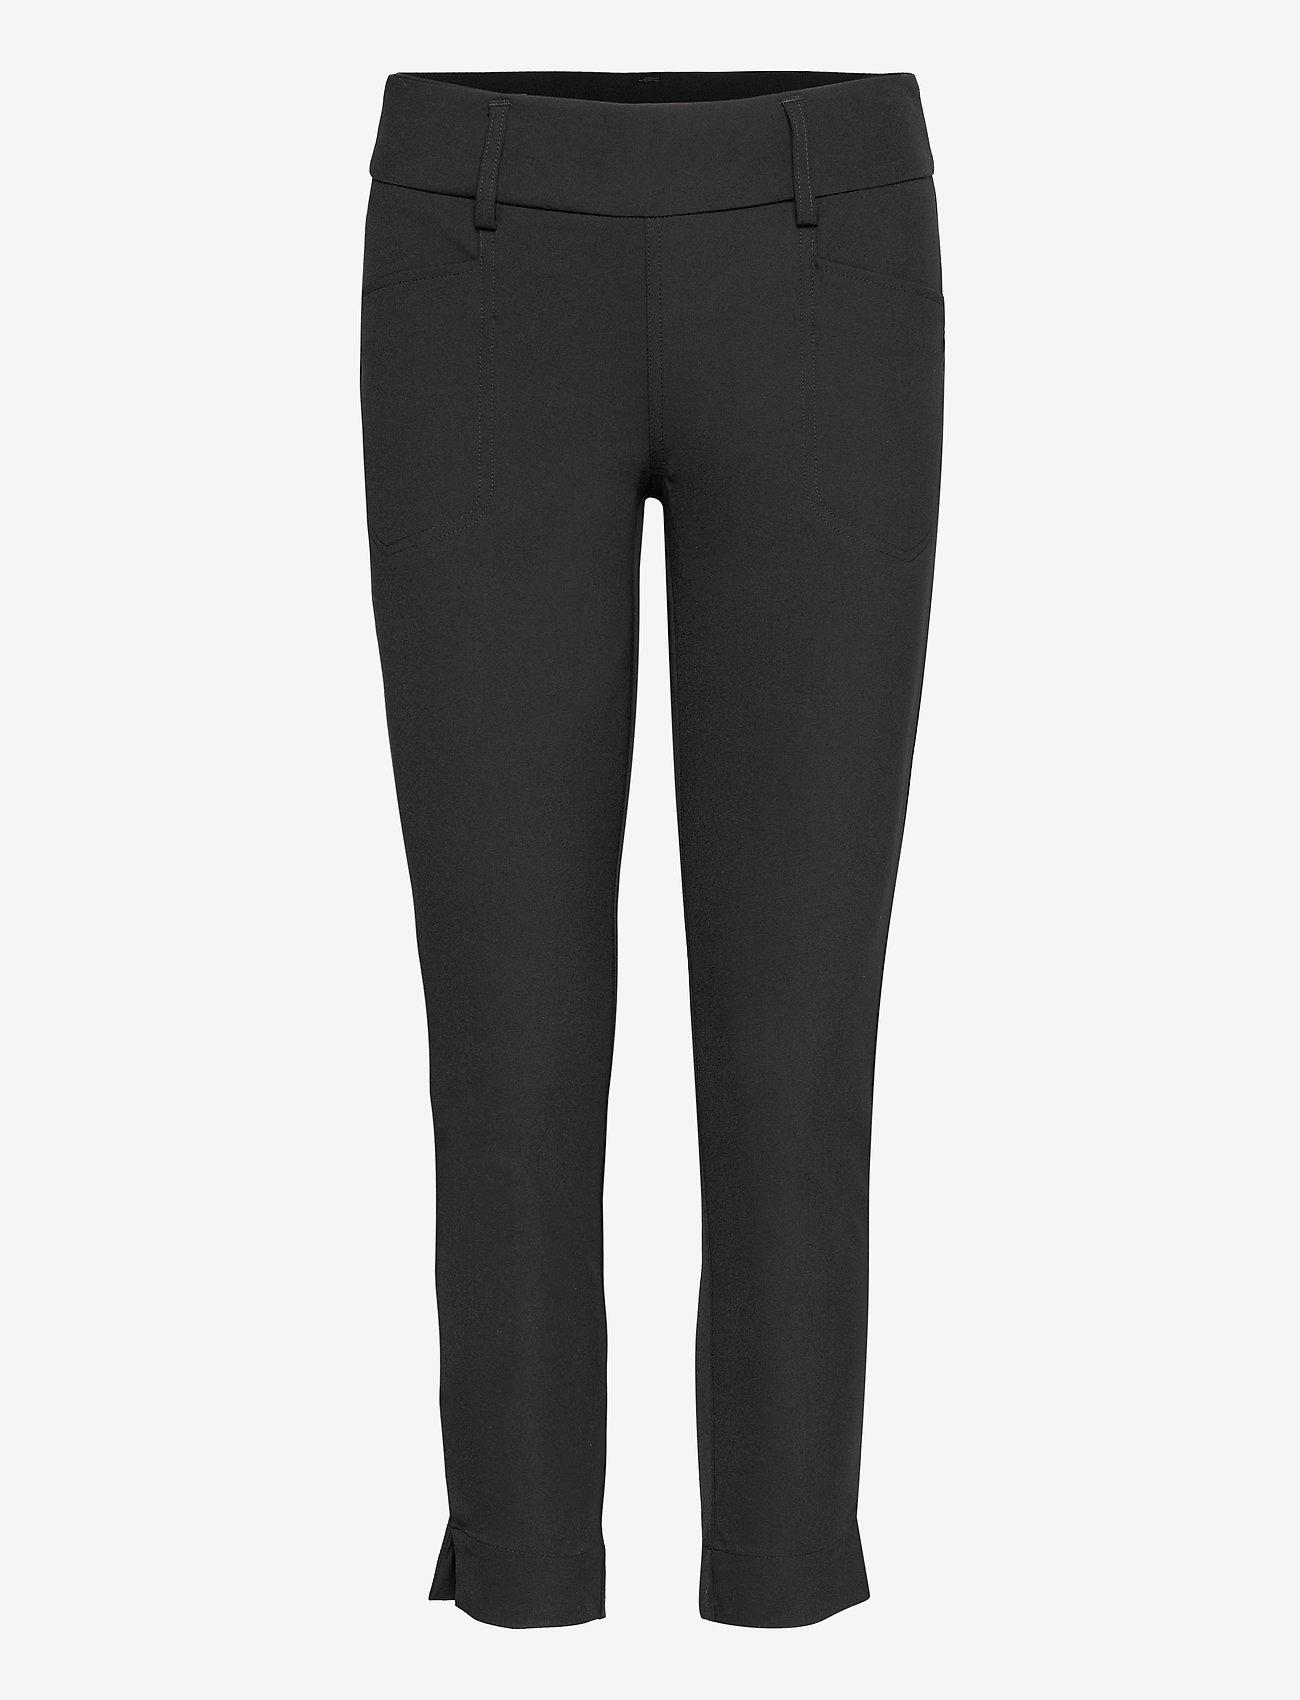 Abacus - Lds Grace 7/8 trousers 88cm - golfbroeken - black - 0